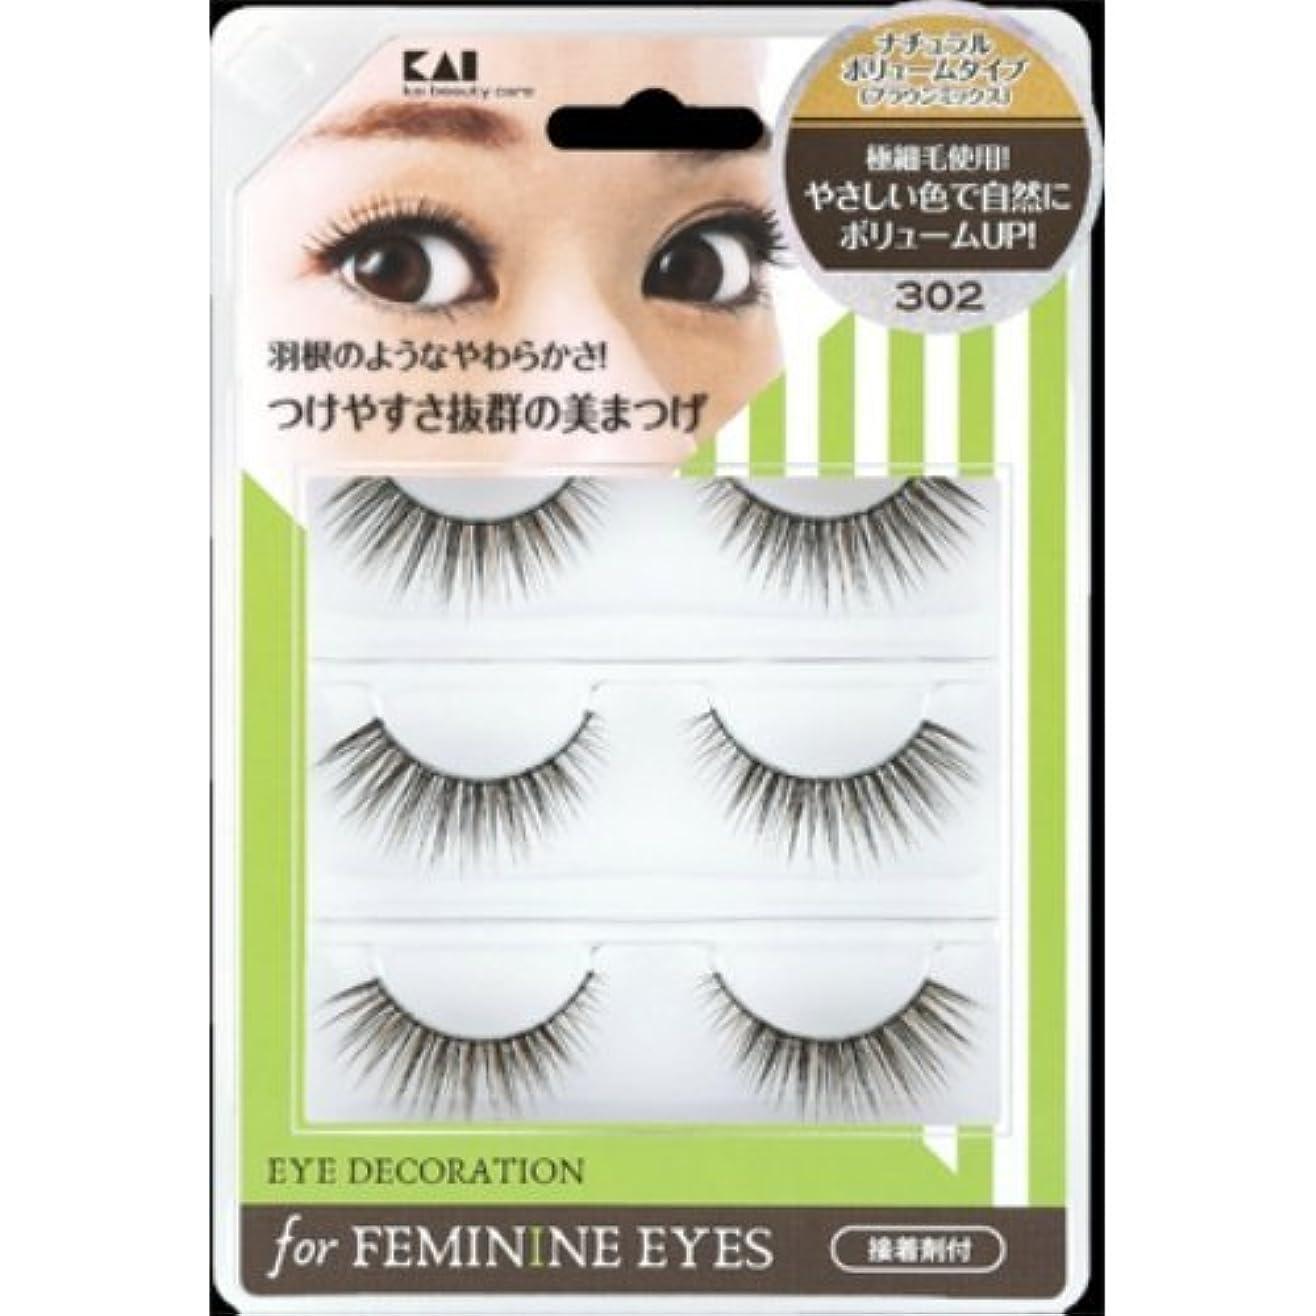 スラッシュ理論的舗装する貝印 アイデコレーション for feminine eyes 302 HC1562